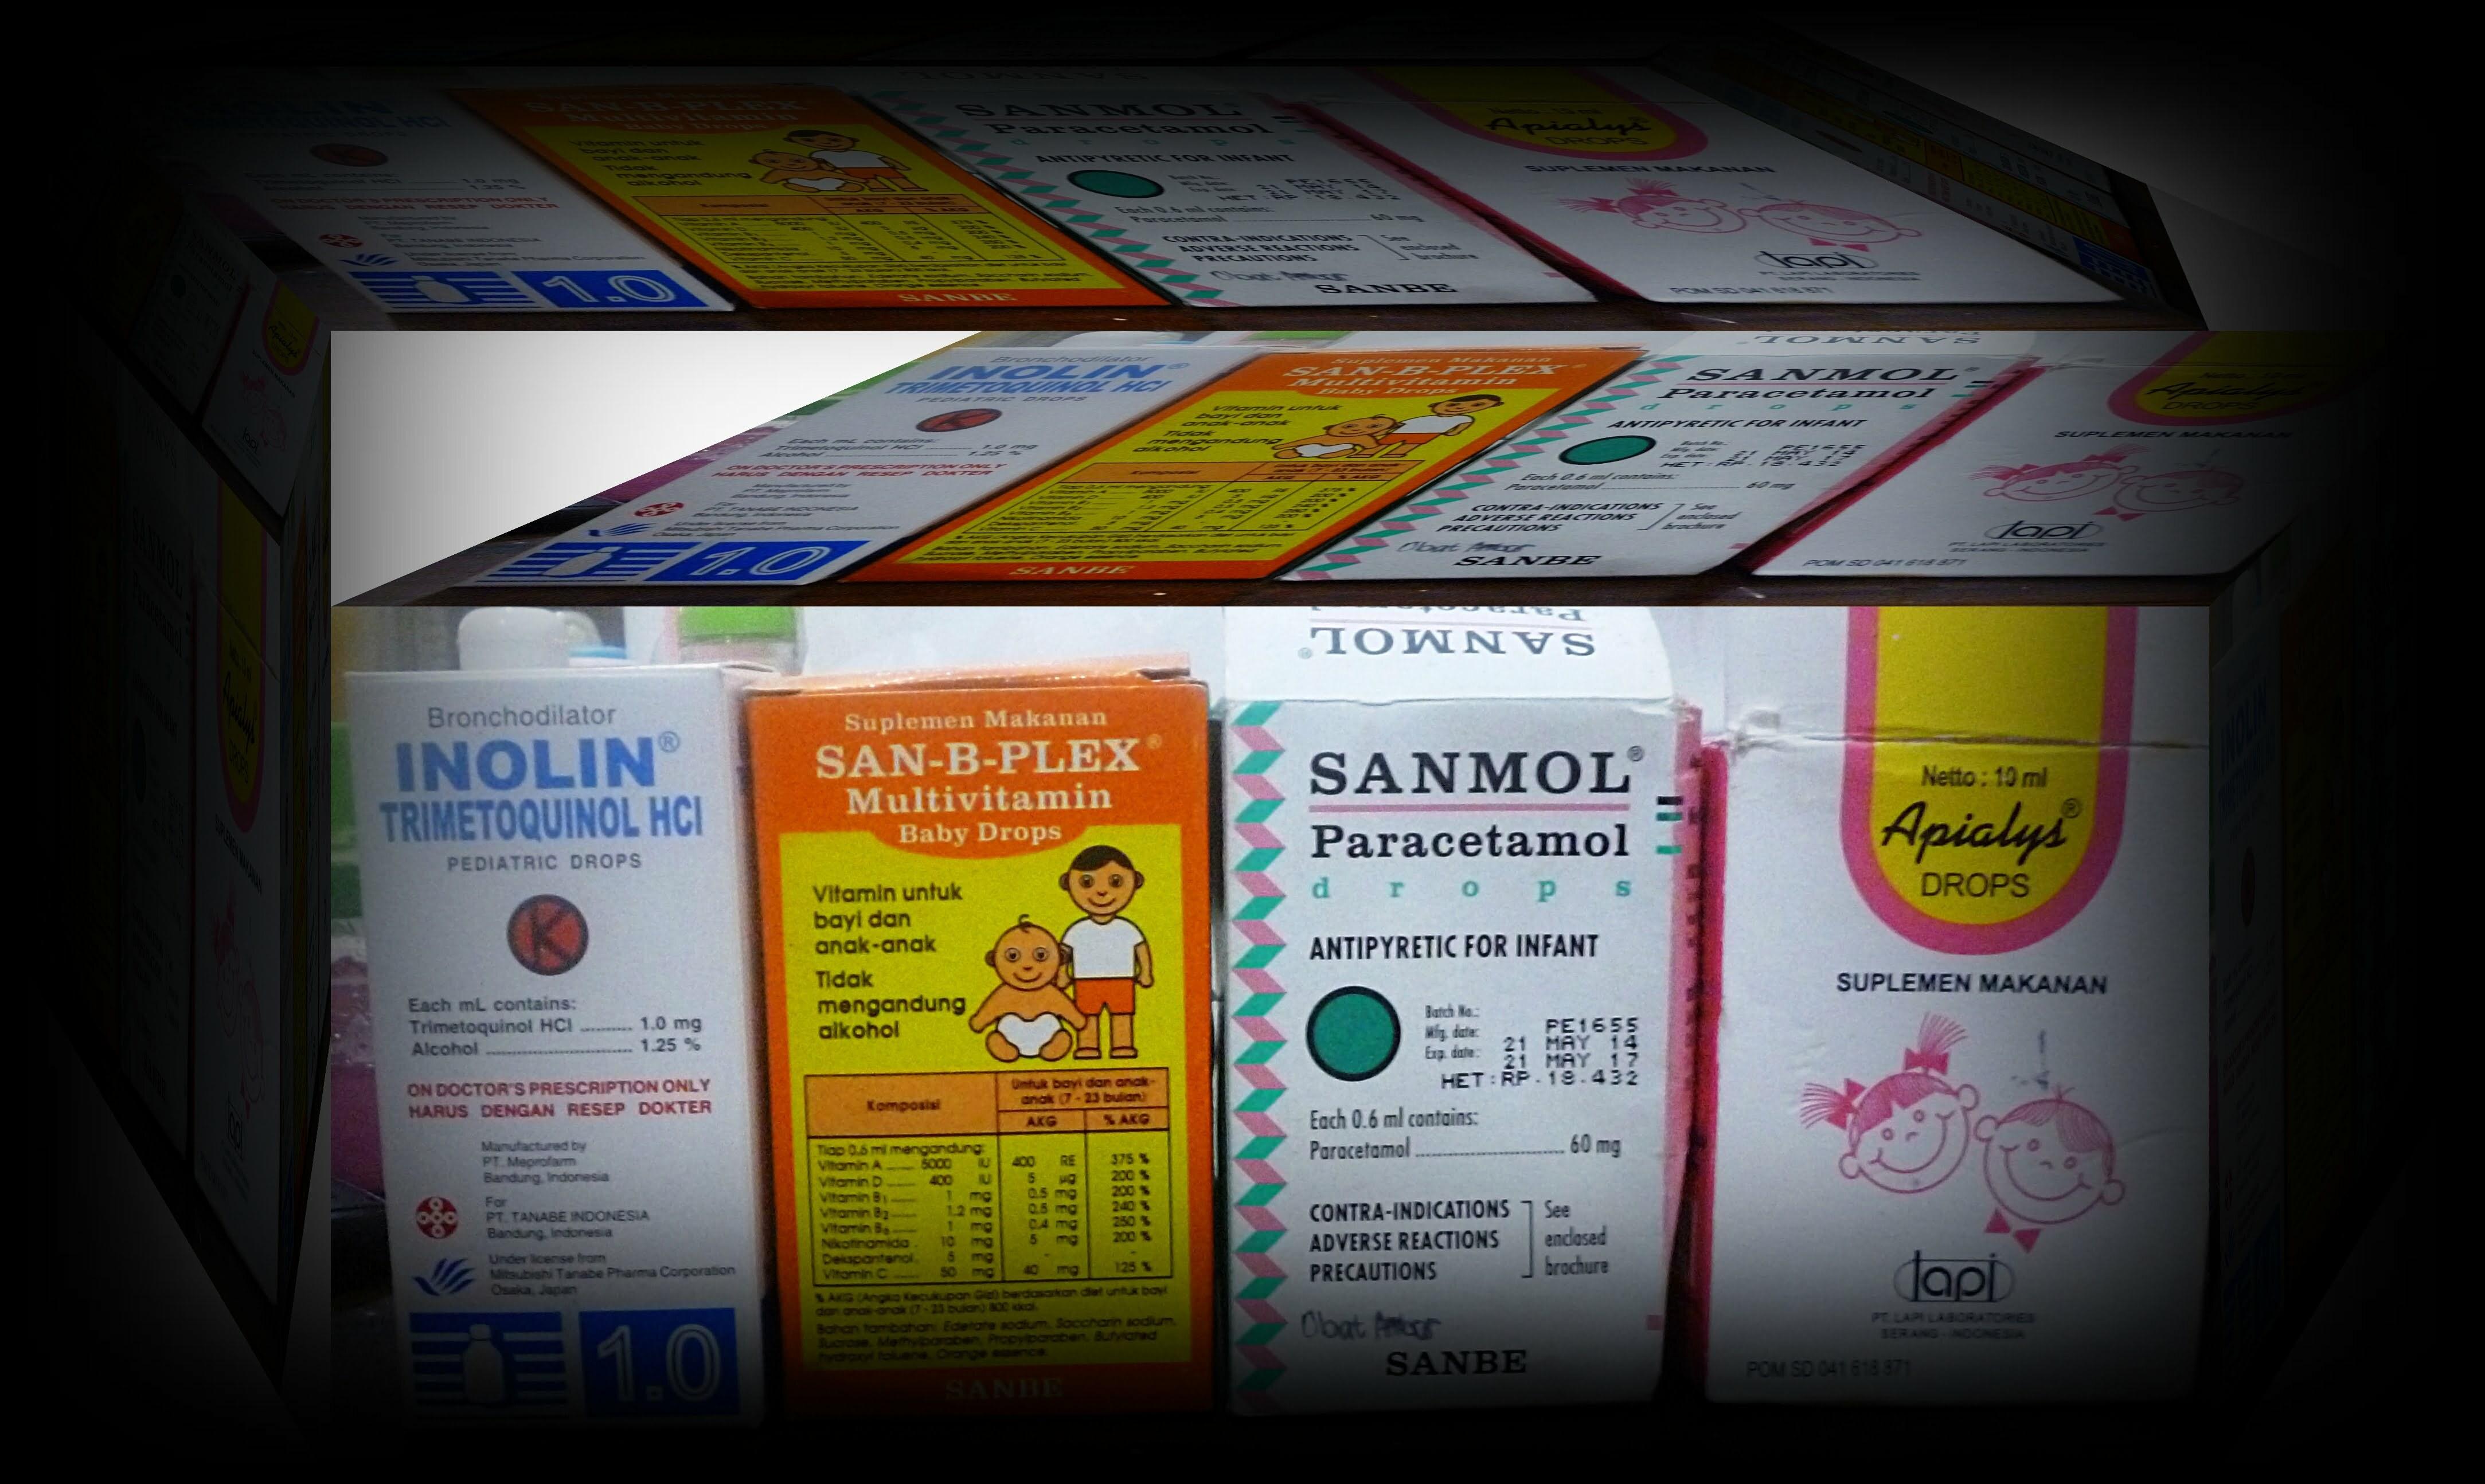 Obat, Vitamin, Paracetamol, anak, bayi